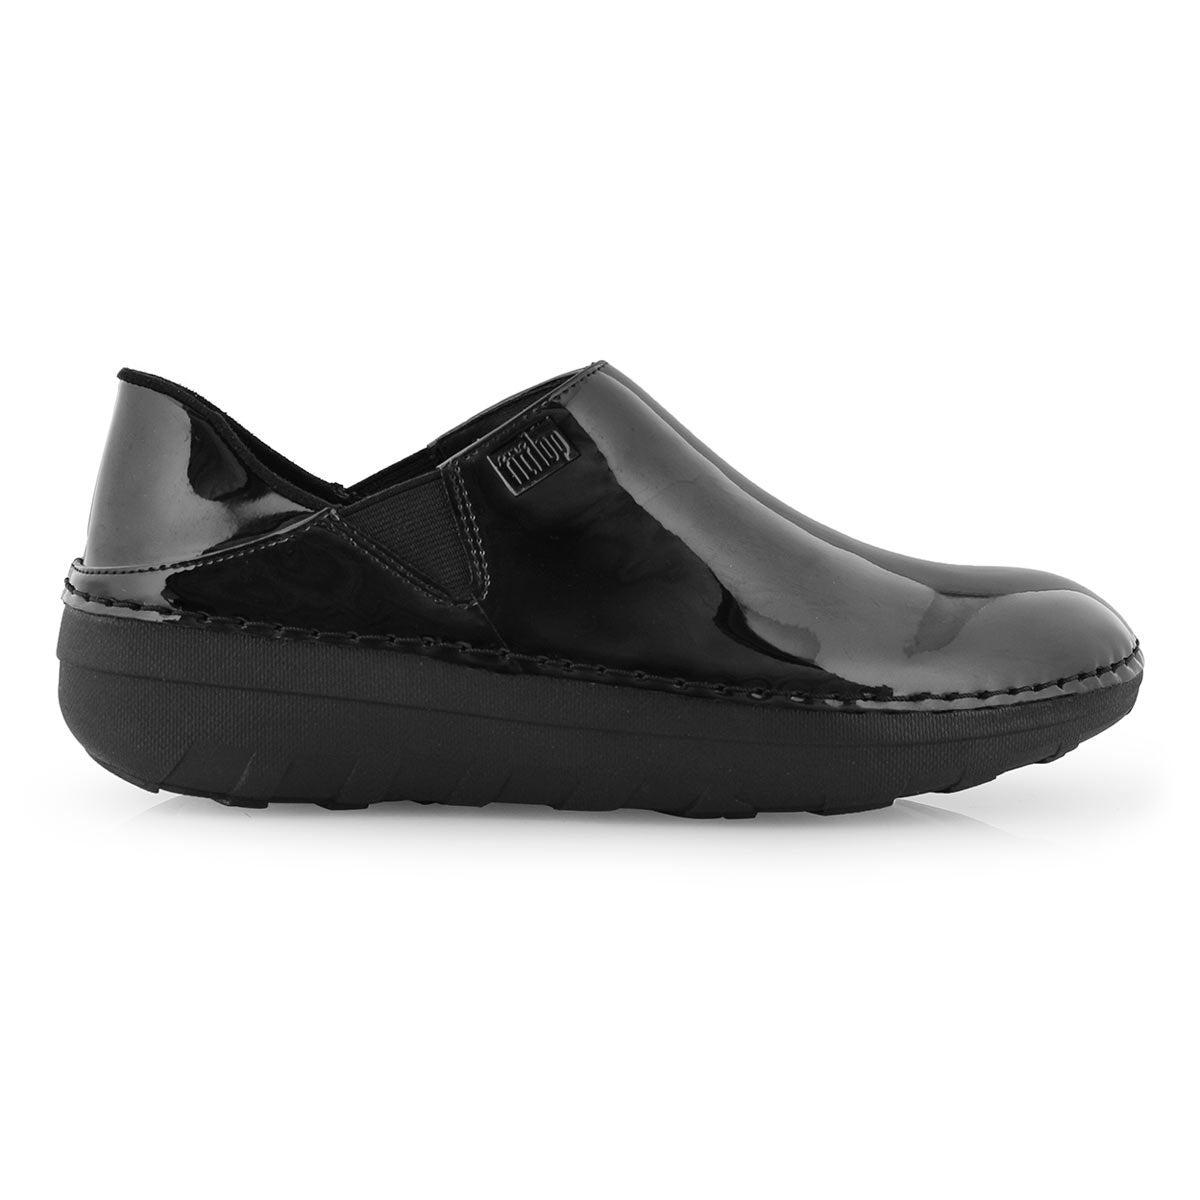 Lds Superloafer black casual loafer